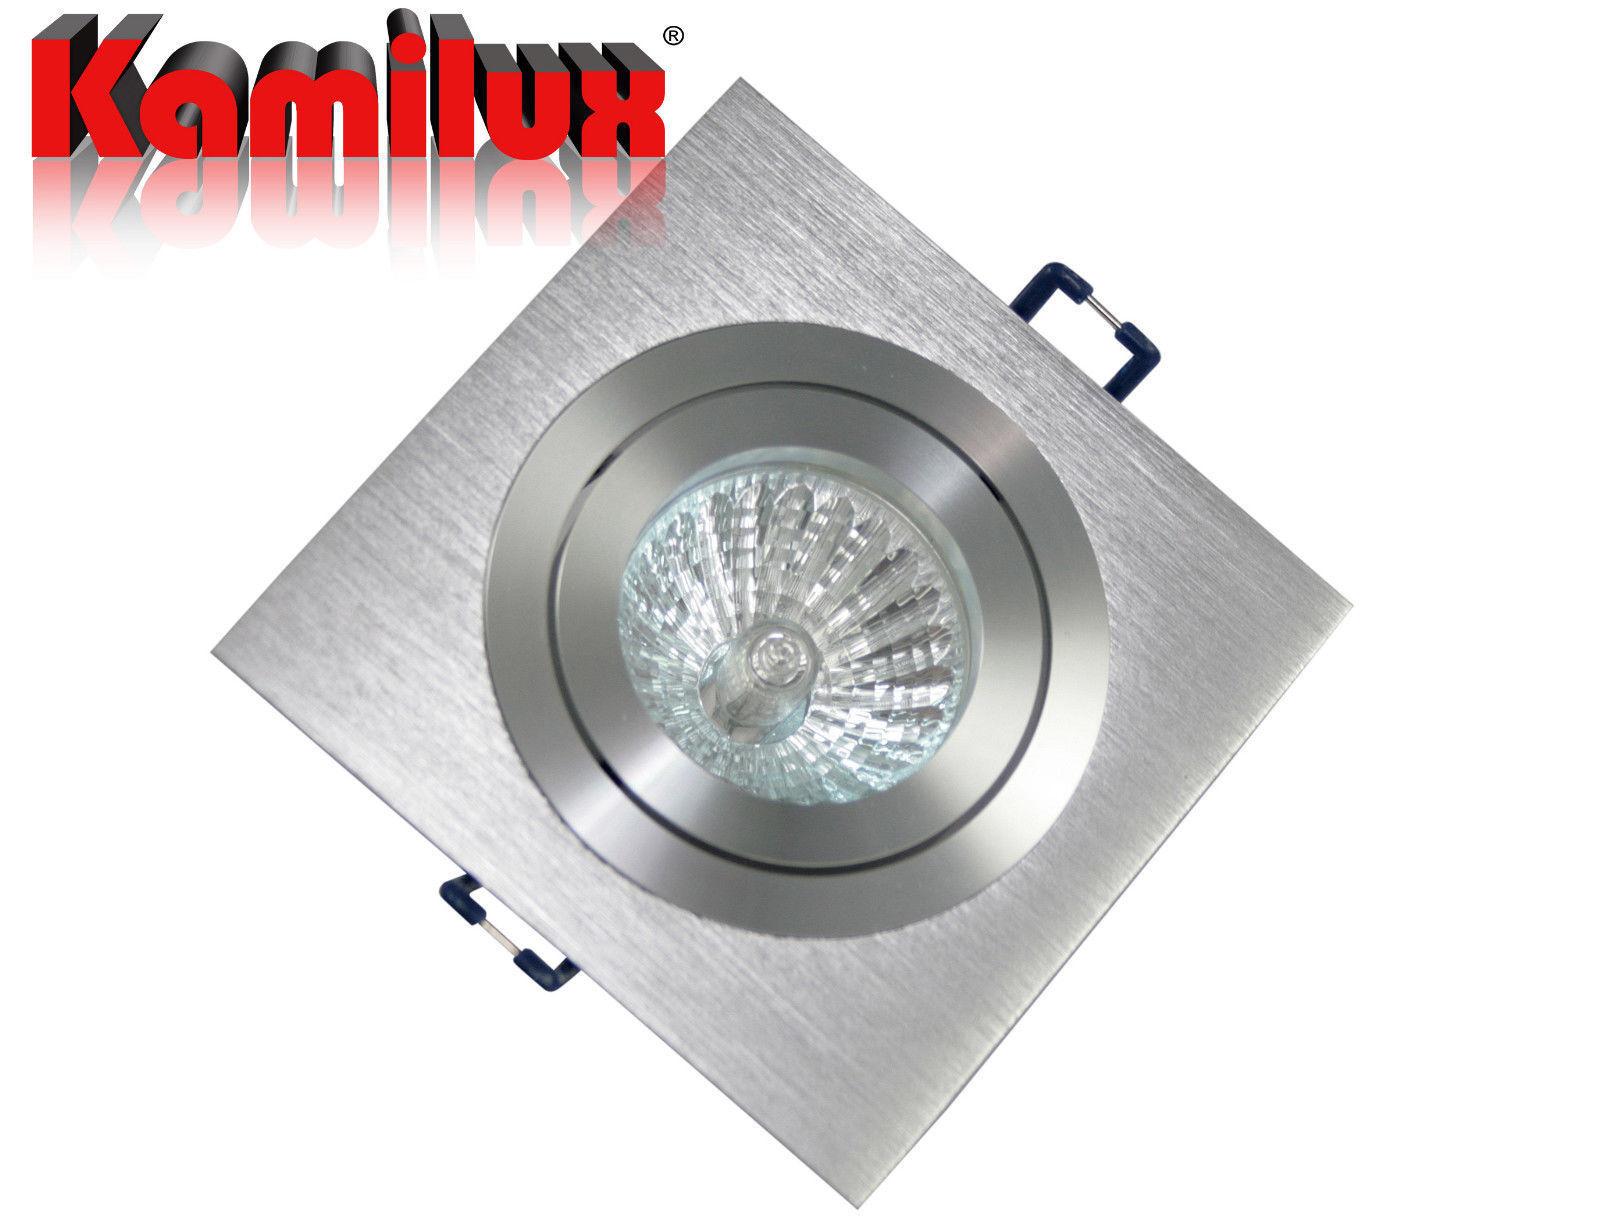 Dimmbar Einbaustrahler, rostfrei & Leuchtmittel & GU10 Fassung Hochvolt 230V | Viele Stile  | New Products  | Berühmter Laden